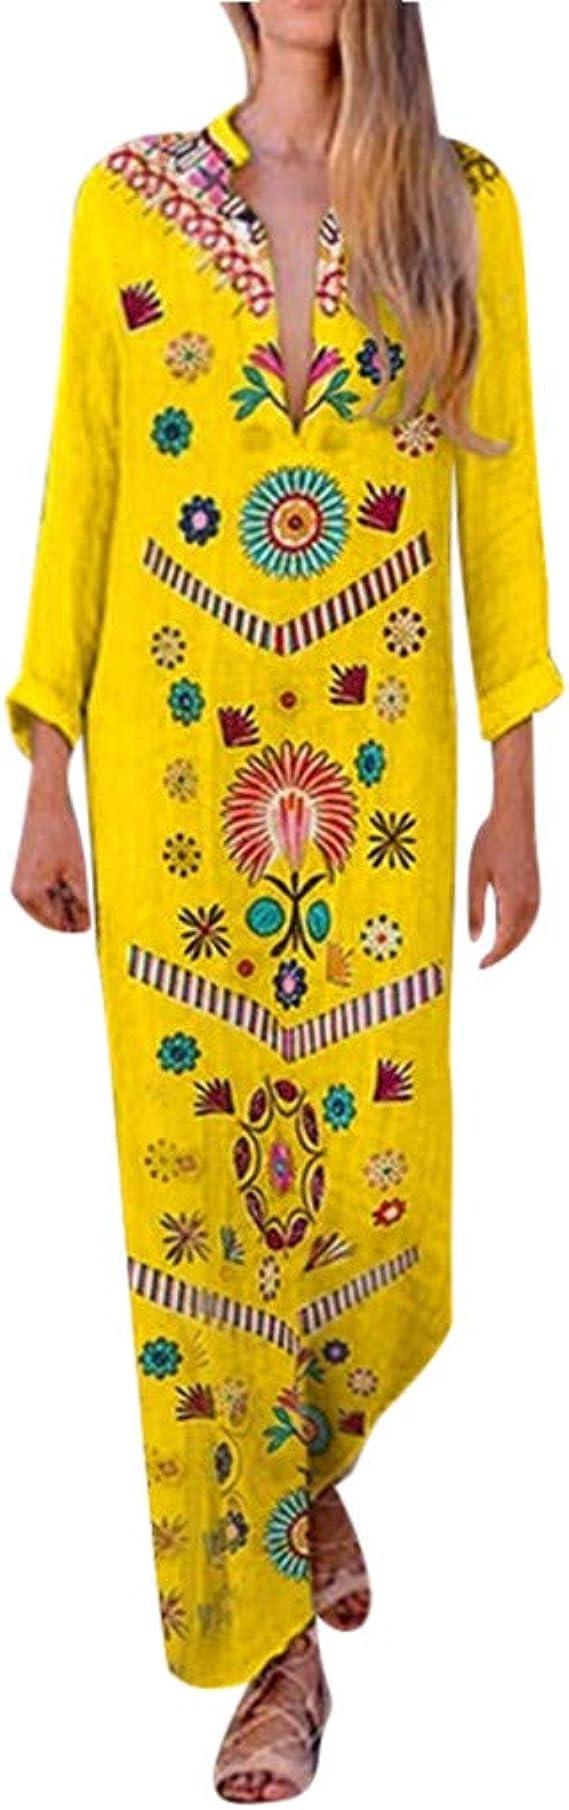 iHAZA- Vestido Blanco Vestido Boho Mujer Vestidos Largos Mujeres Algodón y Lino Estampado con Cuello en V Ranura Lateral Vestidos Bohemios Shift Boho Vestido Largo: Amazon.es: Ropa y accesorios